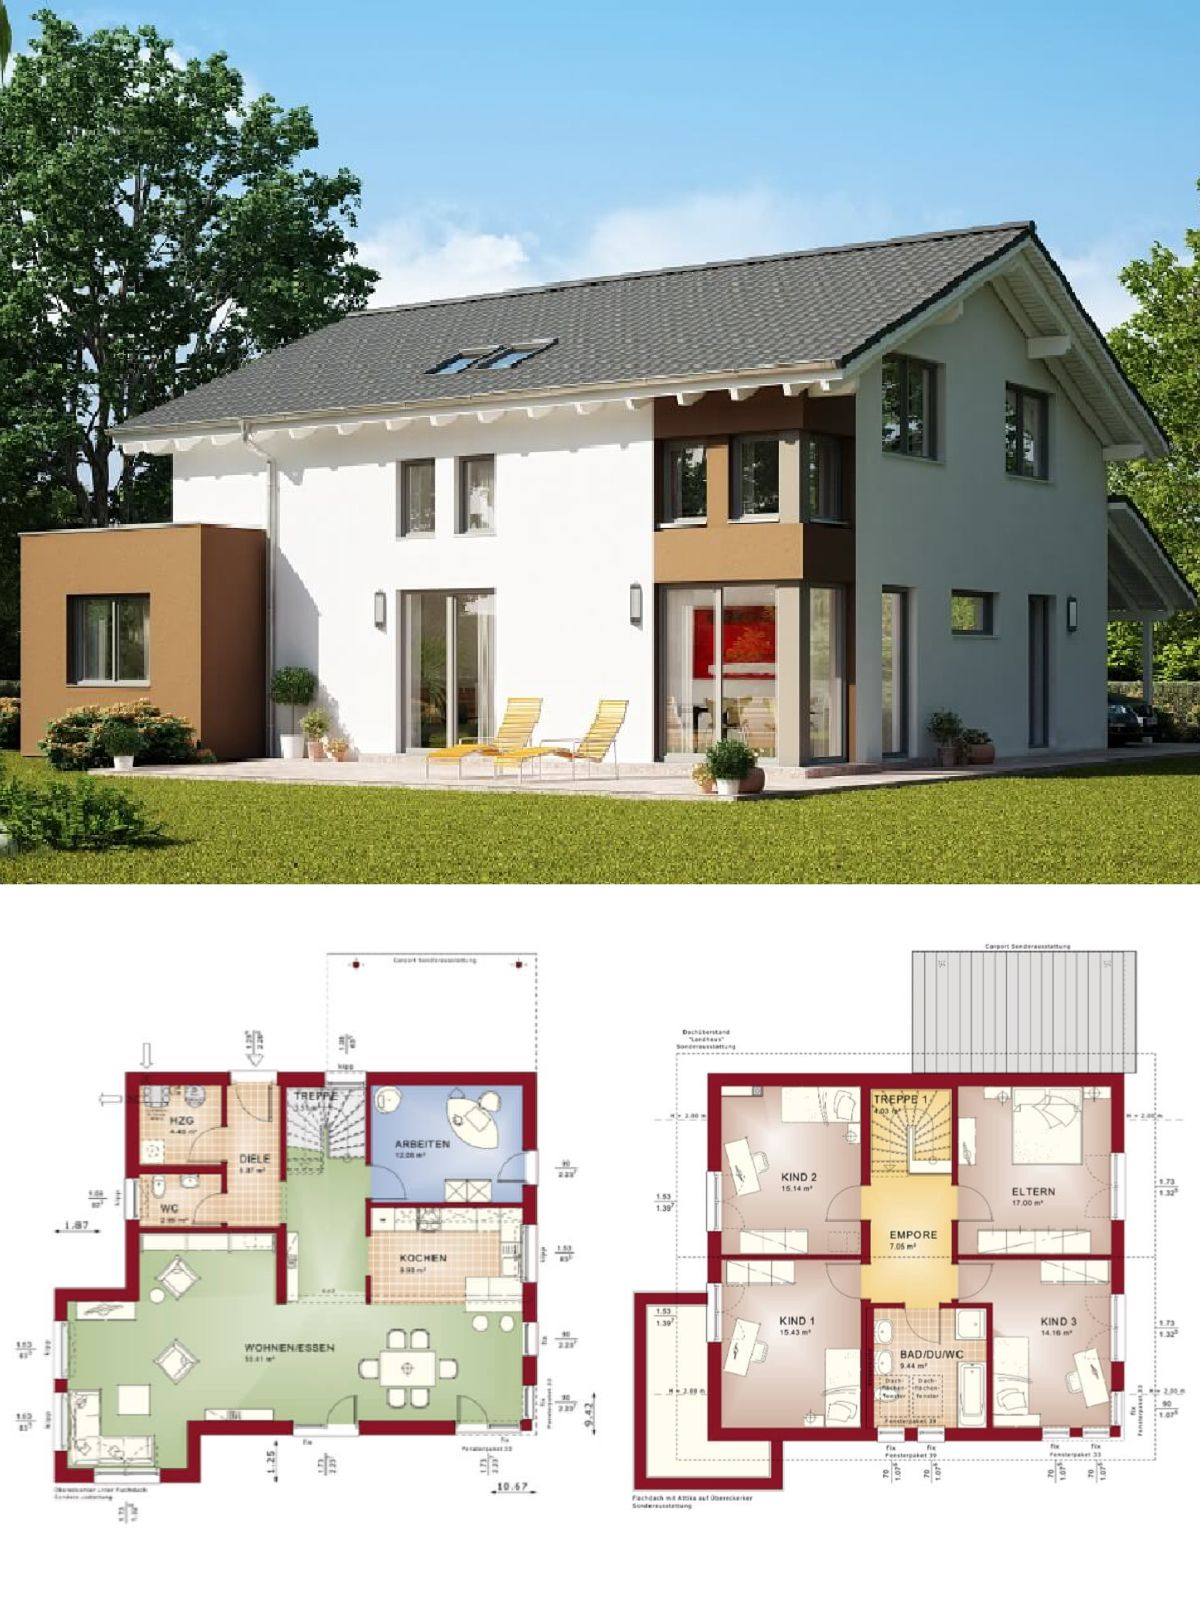 Hochwertig Einfamilienhaus Neubau Modern Mit Satteldach Architektur, Erker Anbau U0026  Carport   Haus Bauen Grundriss Fertighaus